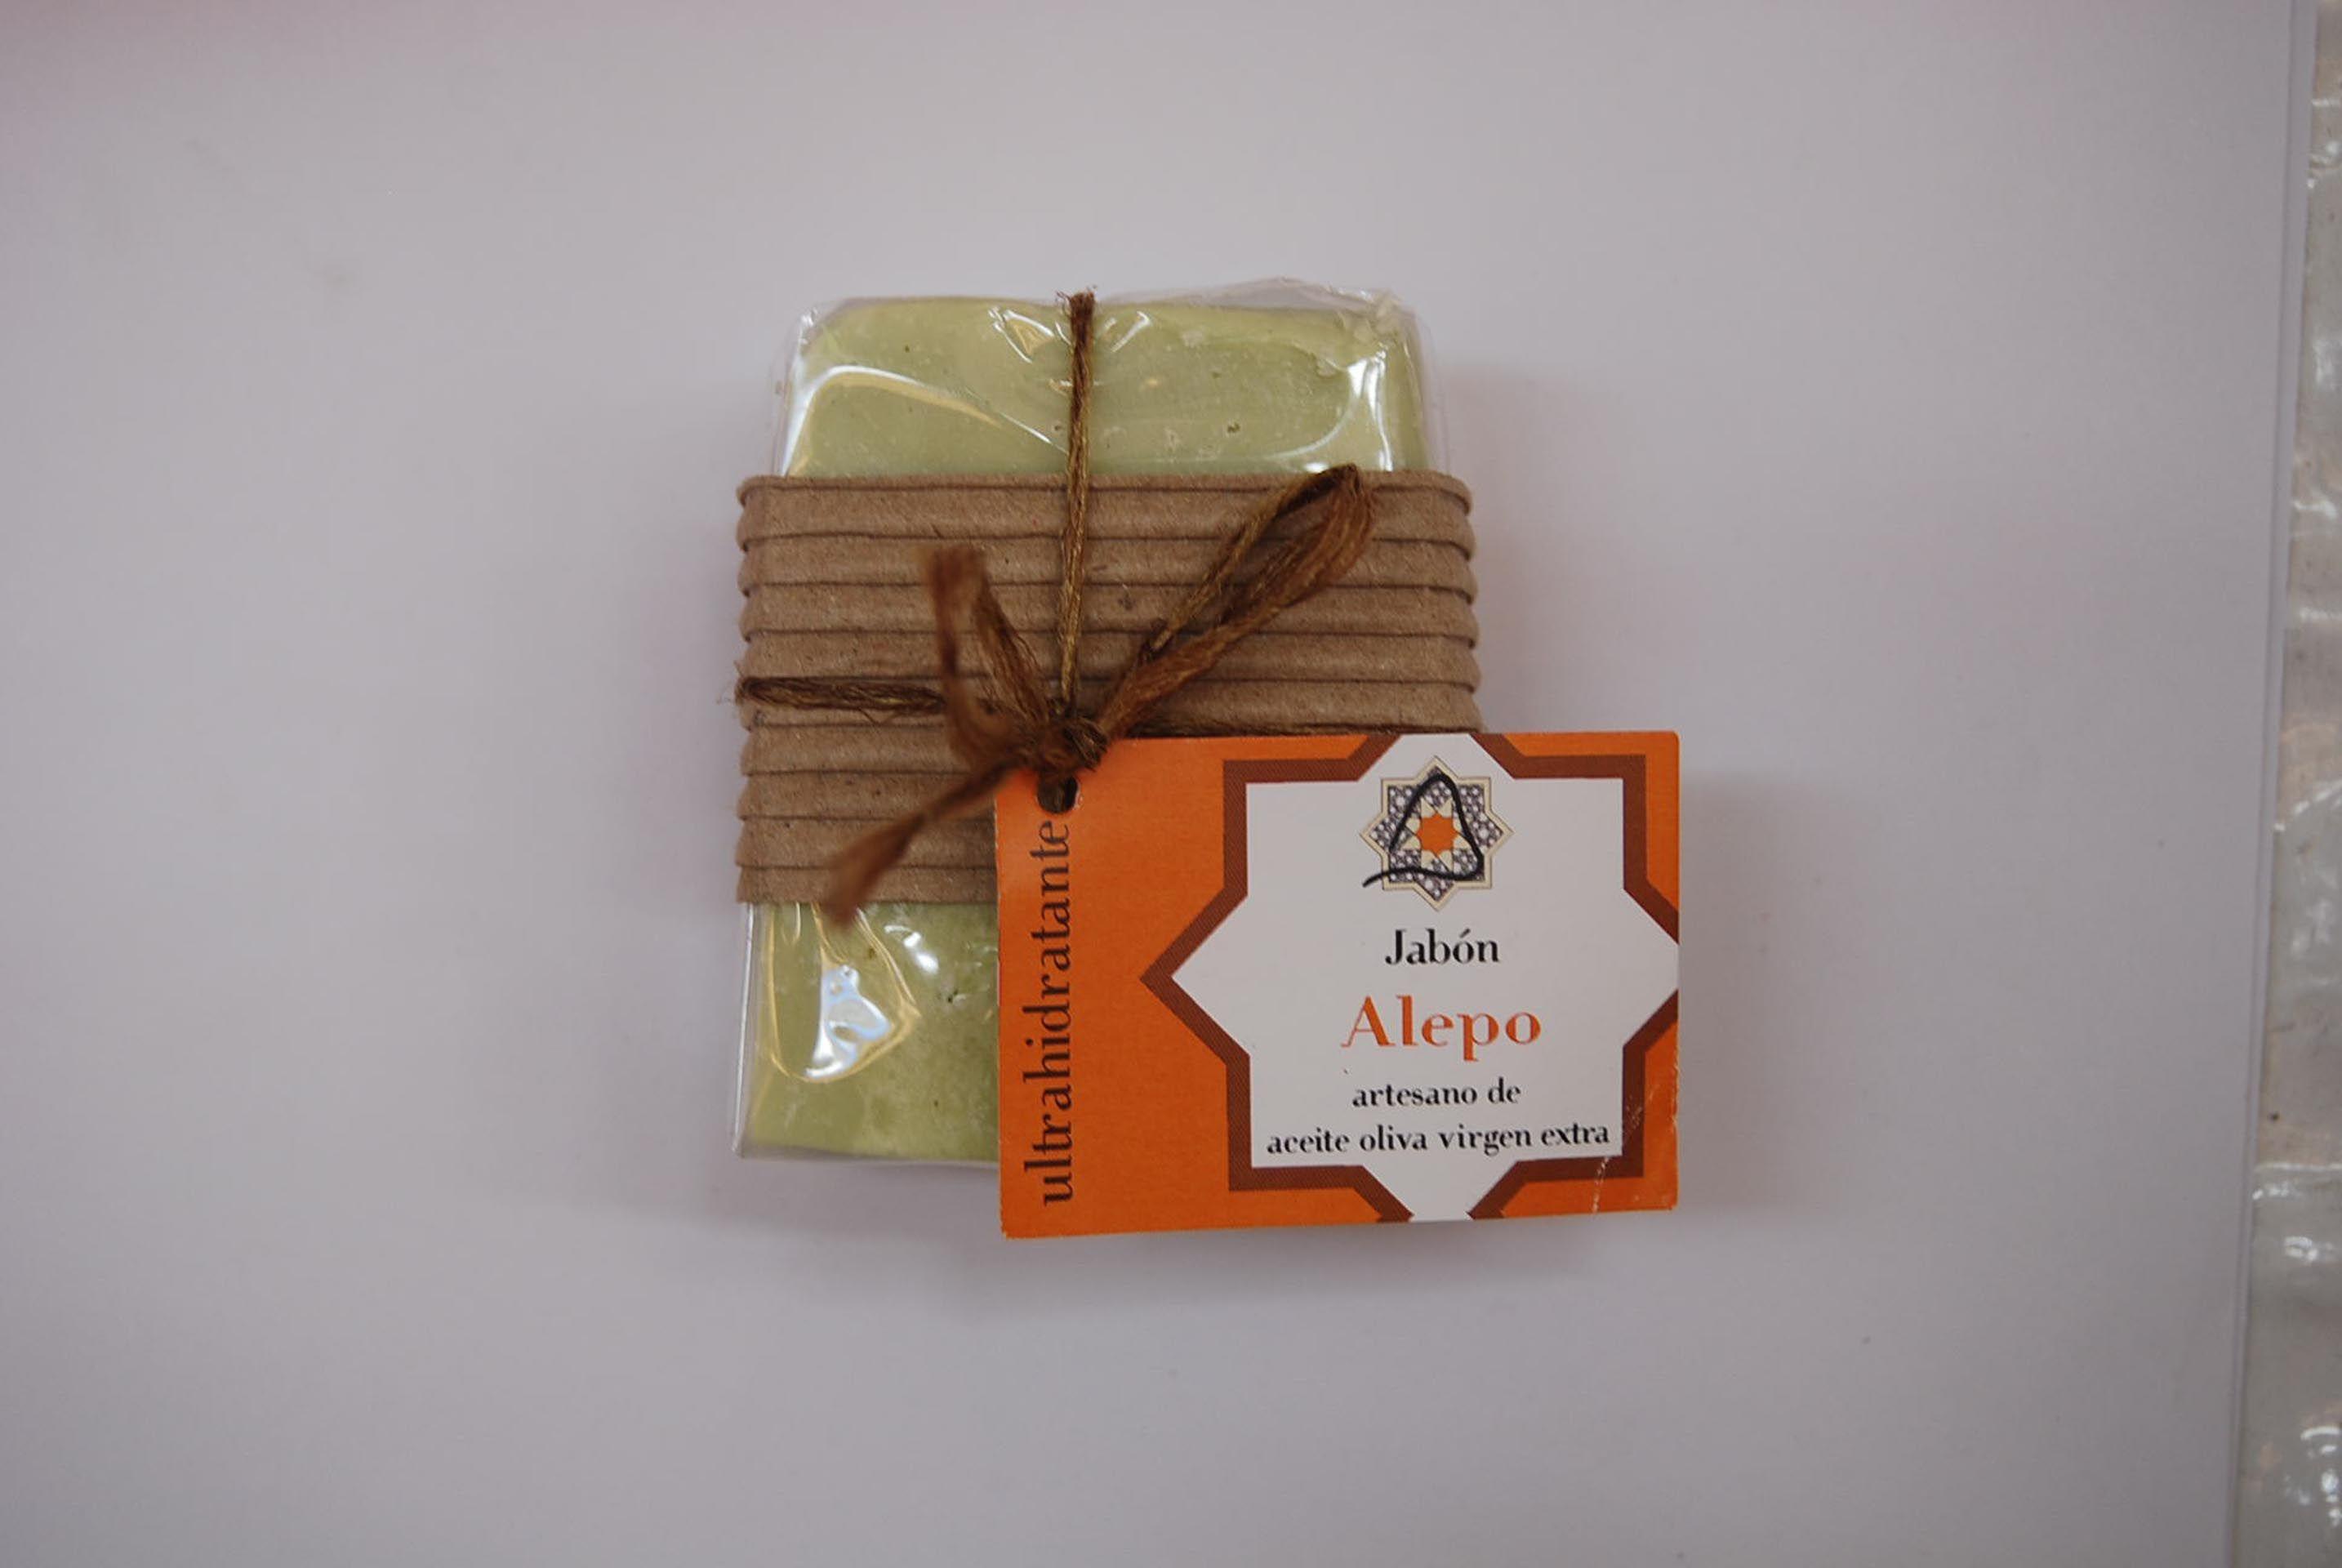 Jabón artesano de Alepo: Productos de Arahí